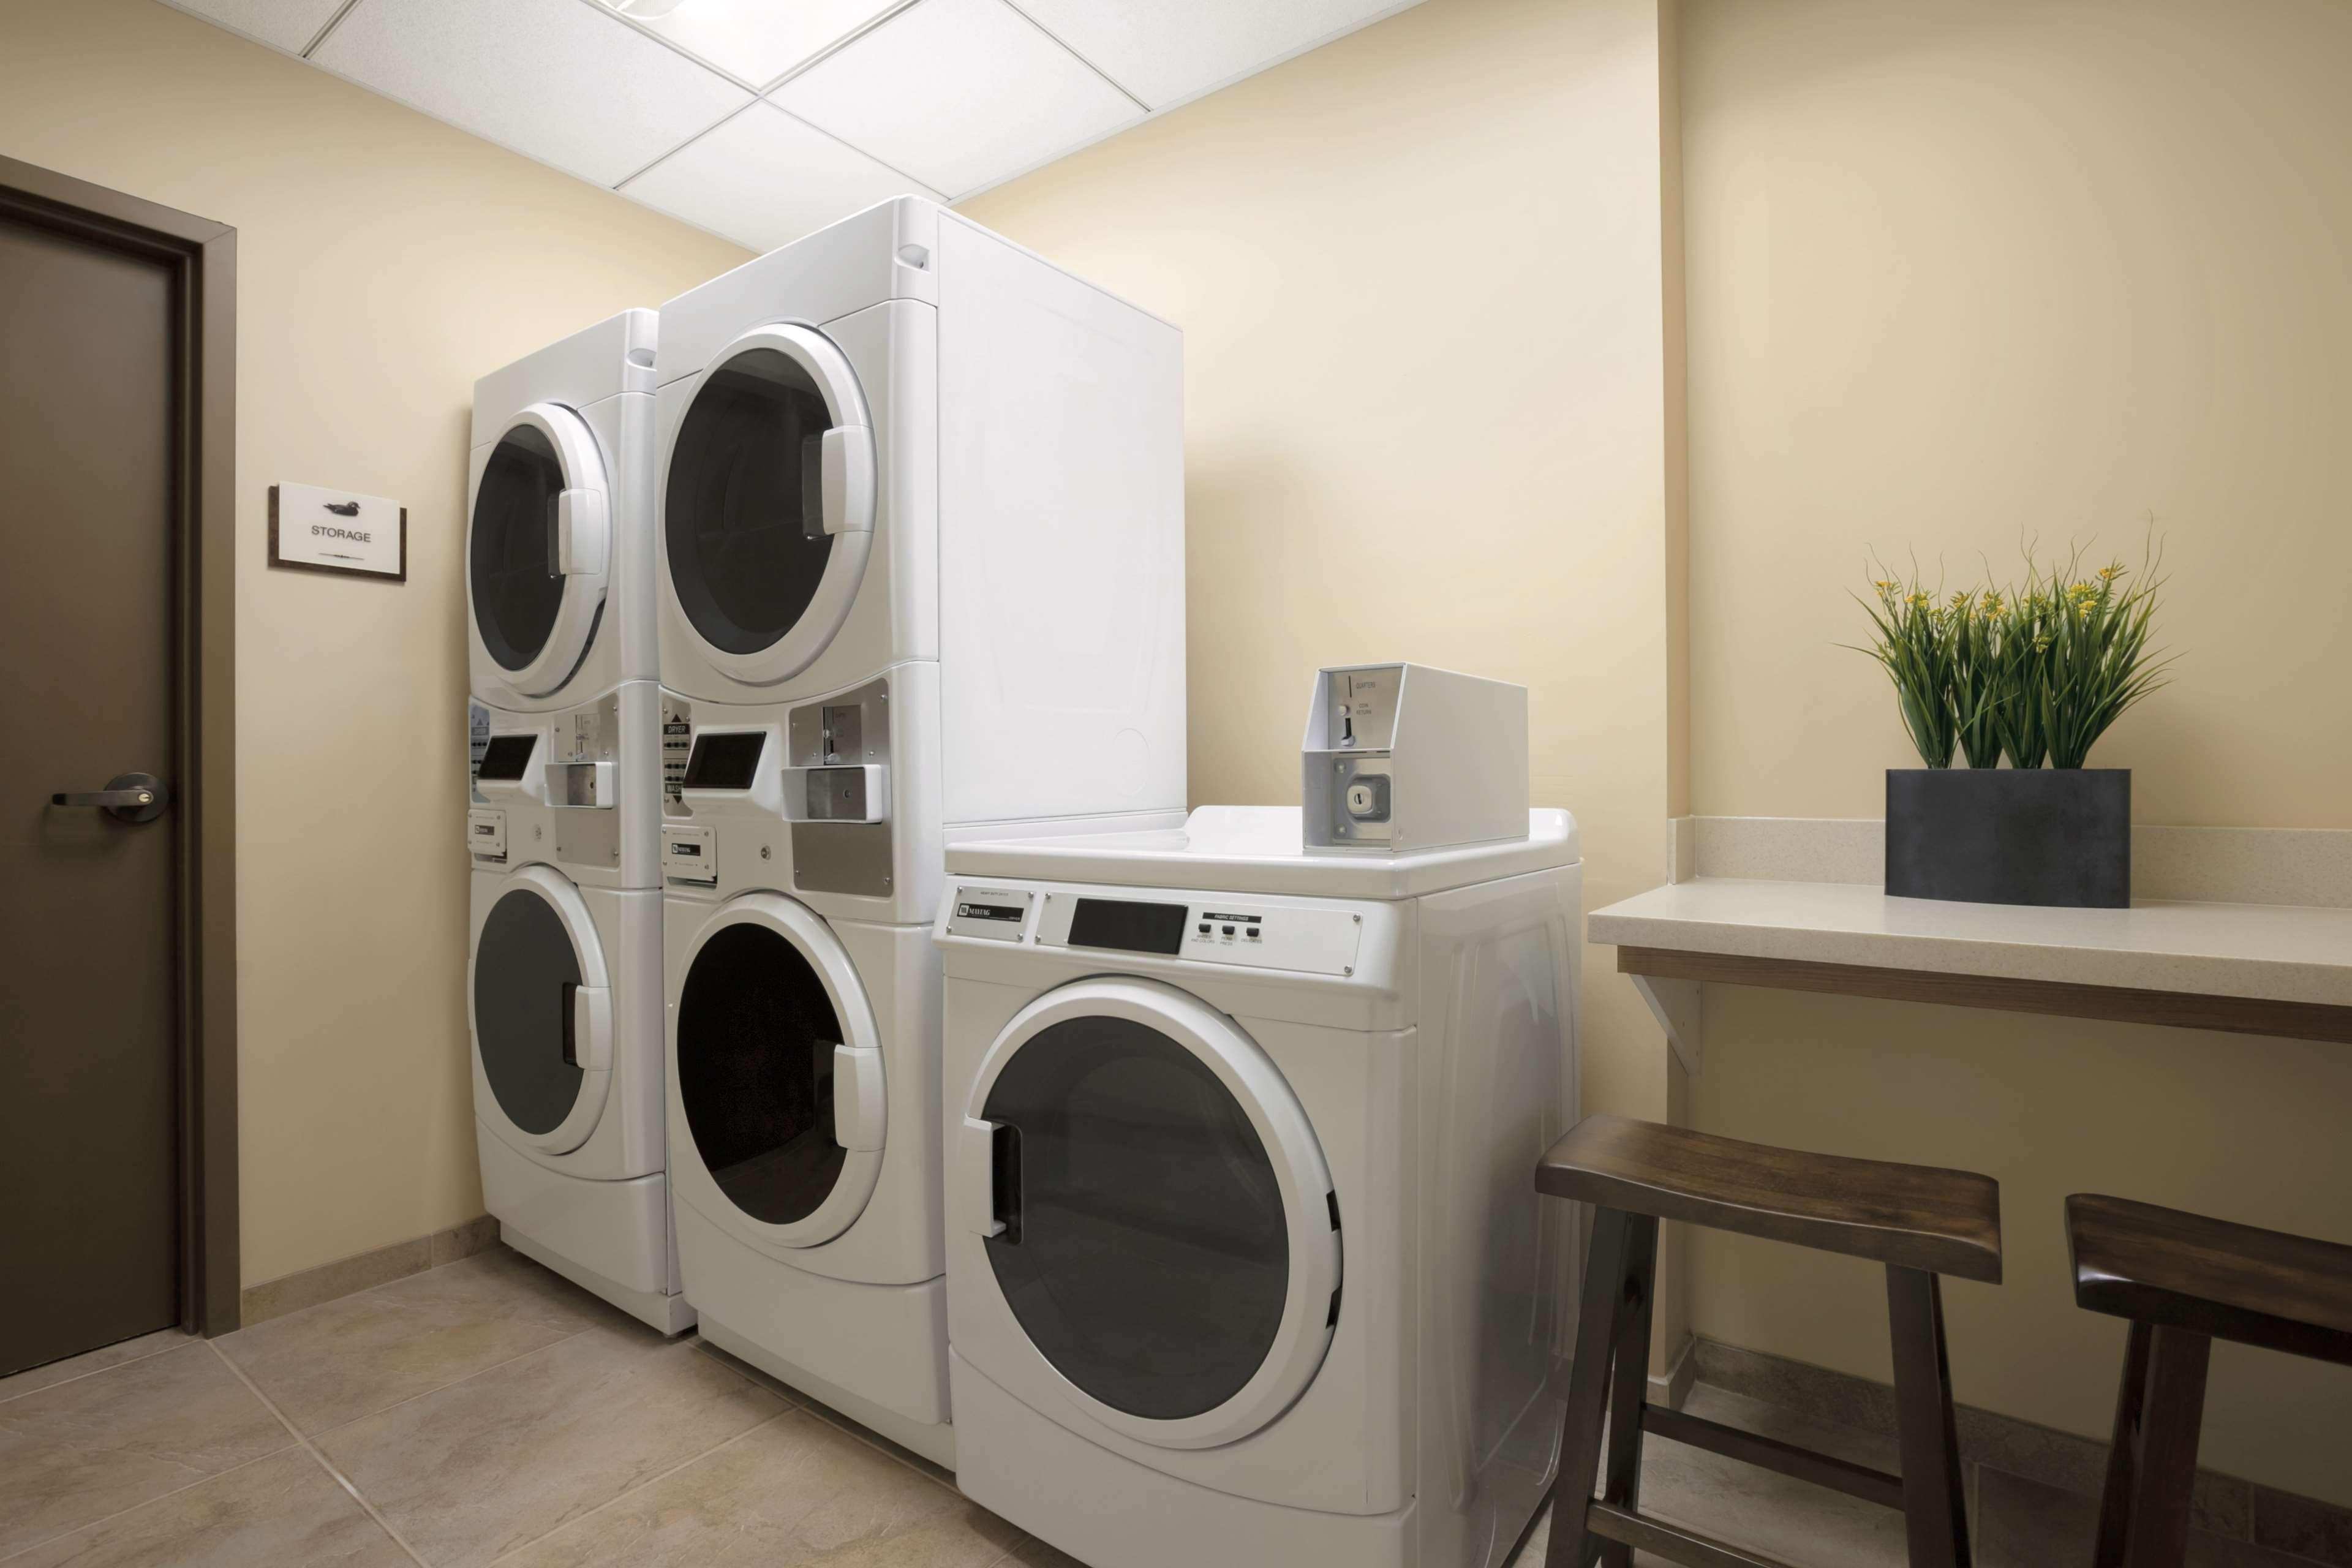 Homewood Suites by Hilton Kalispell, MT image 23